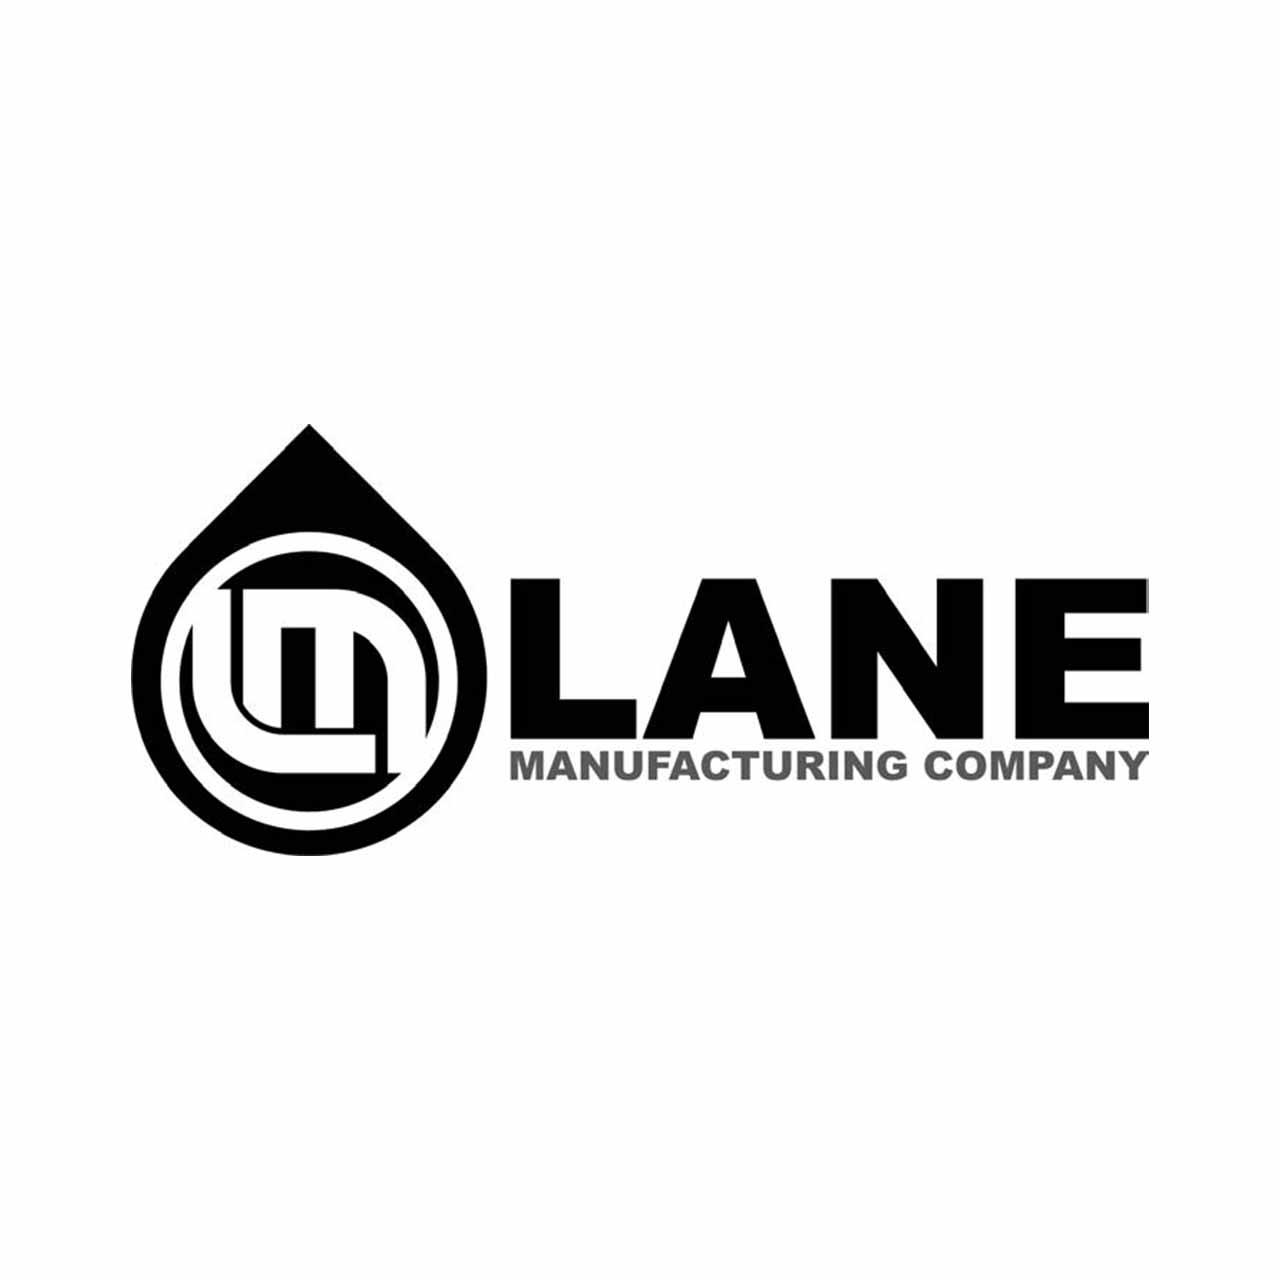 Lane Manufacturing Co